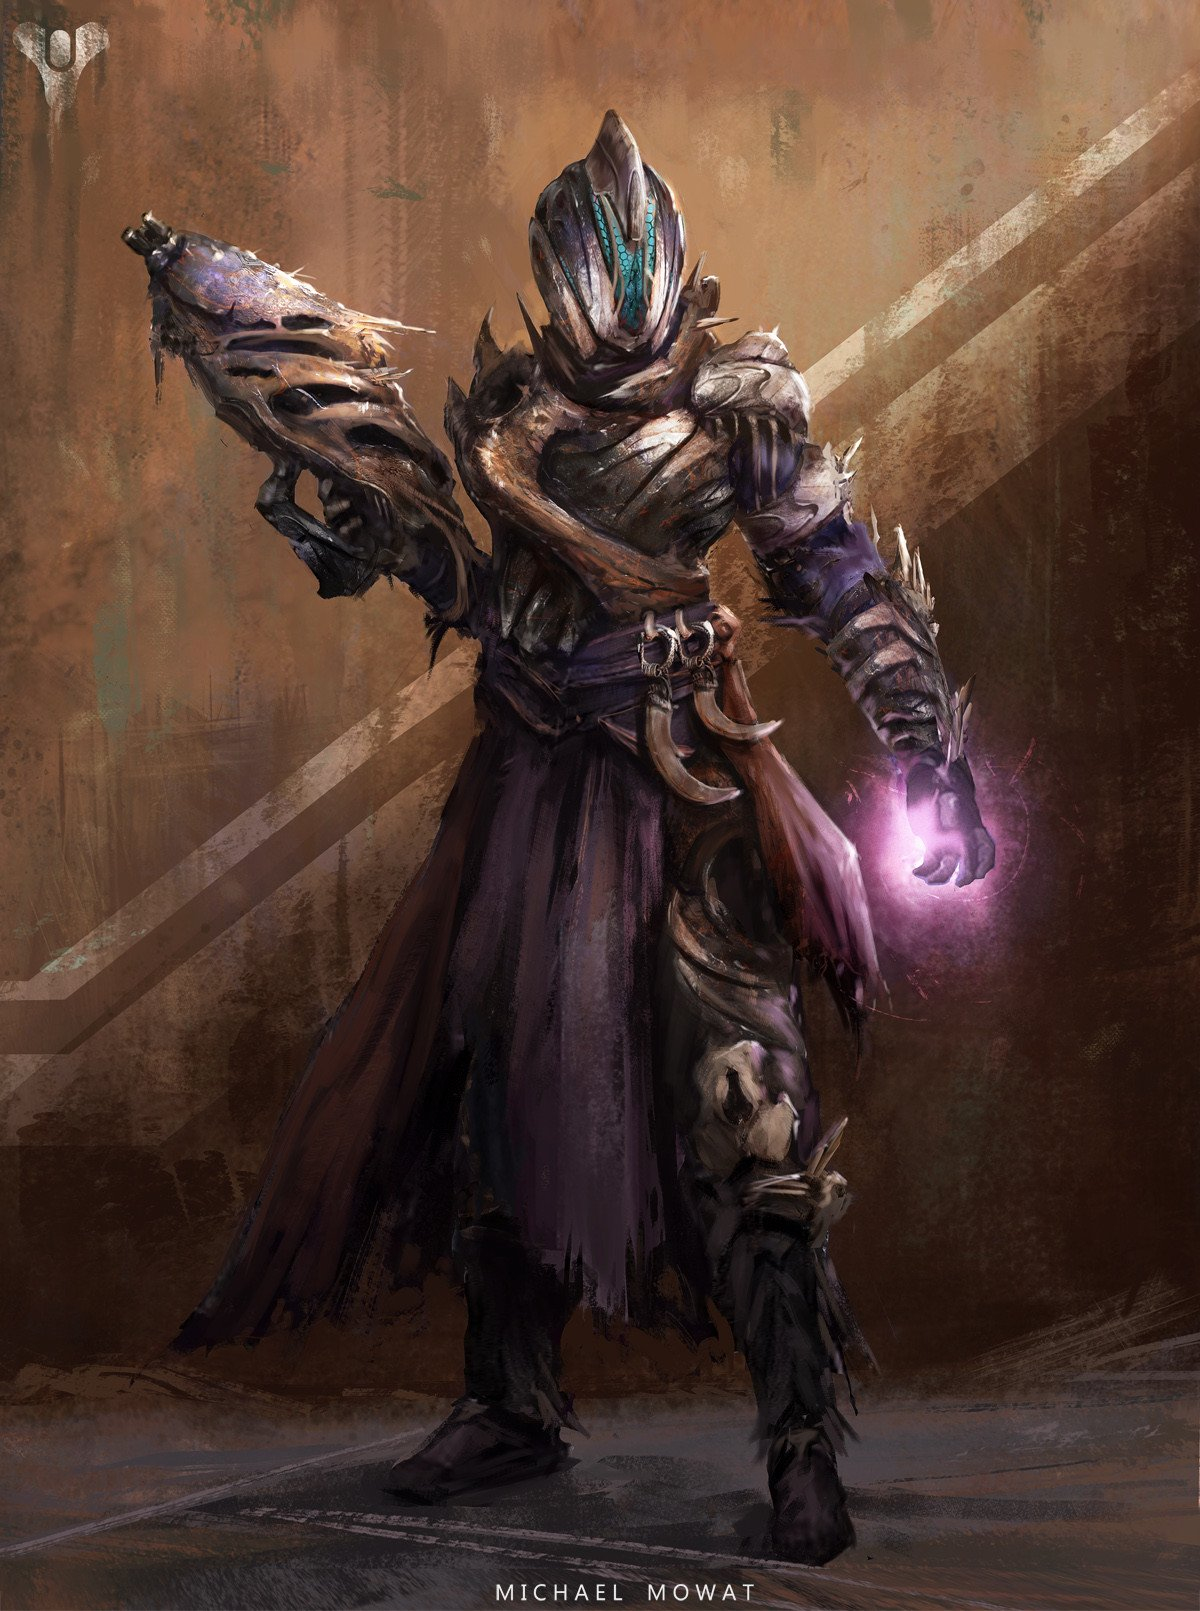 Warlock par Michael Mowat #destinythegame https://t.co/gqBu1nuEvy